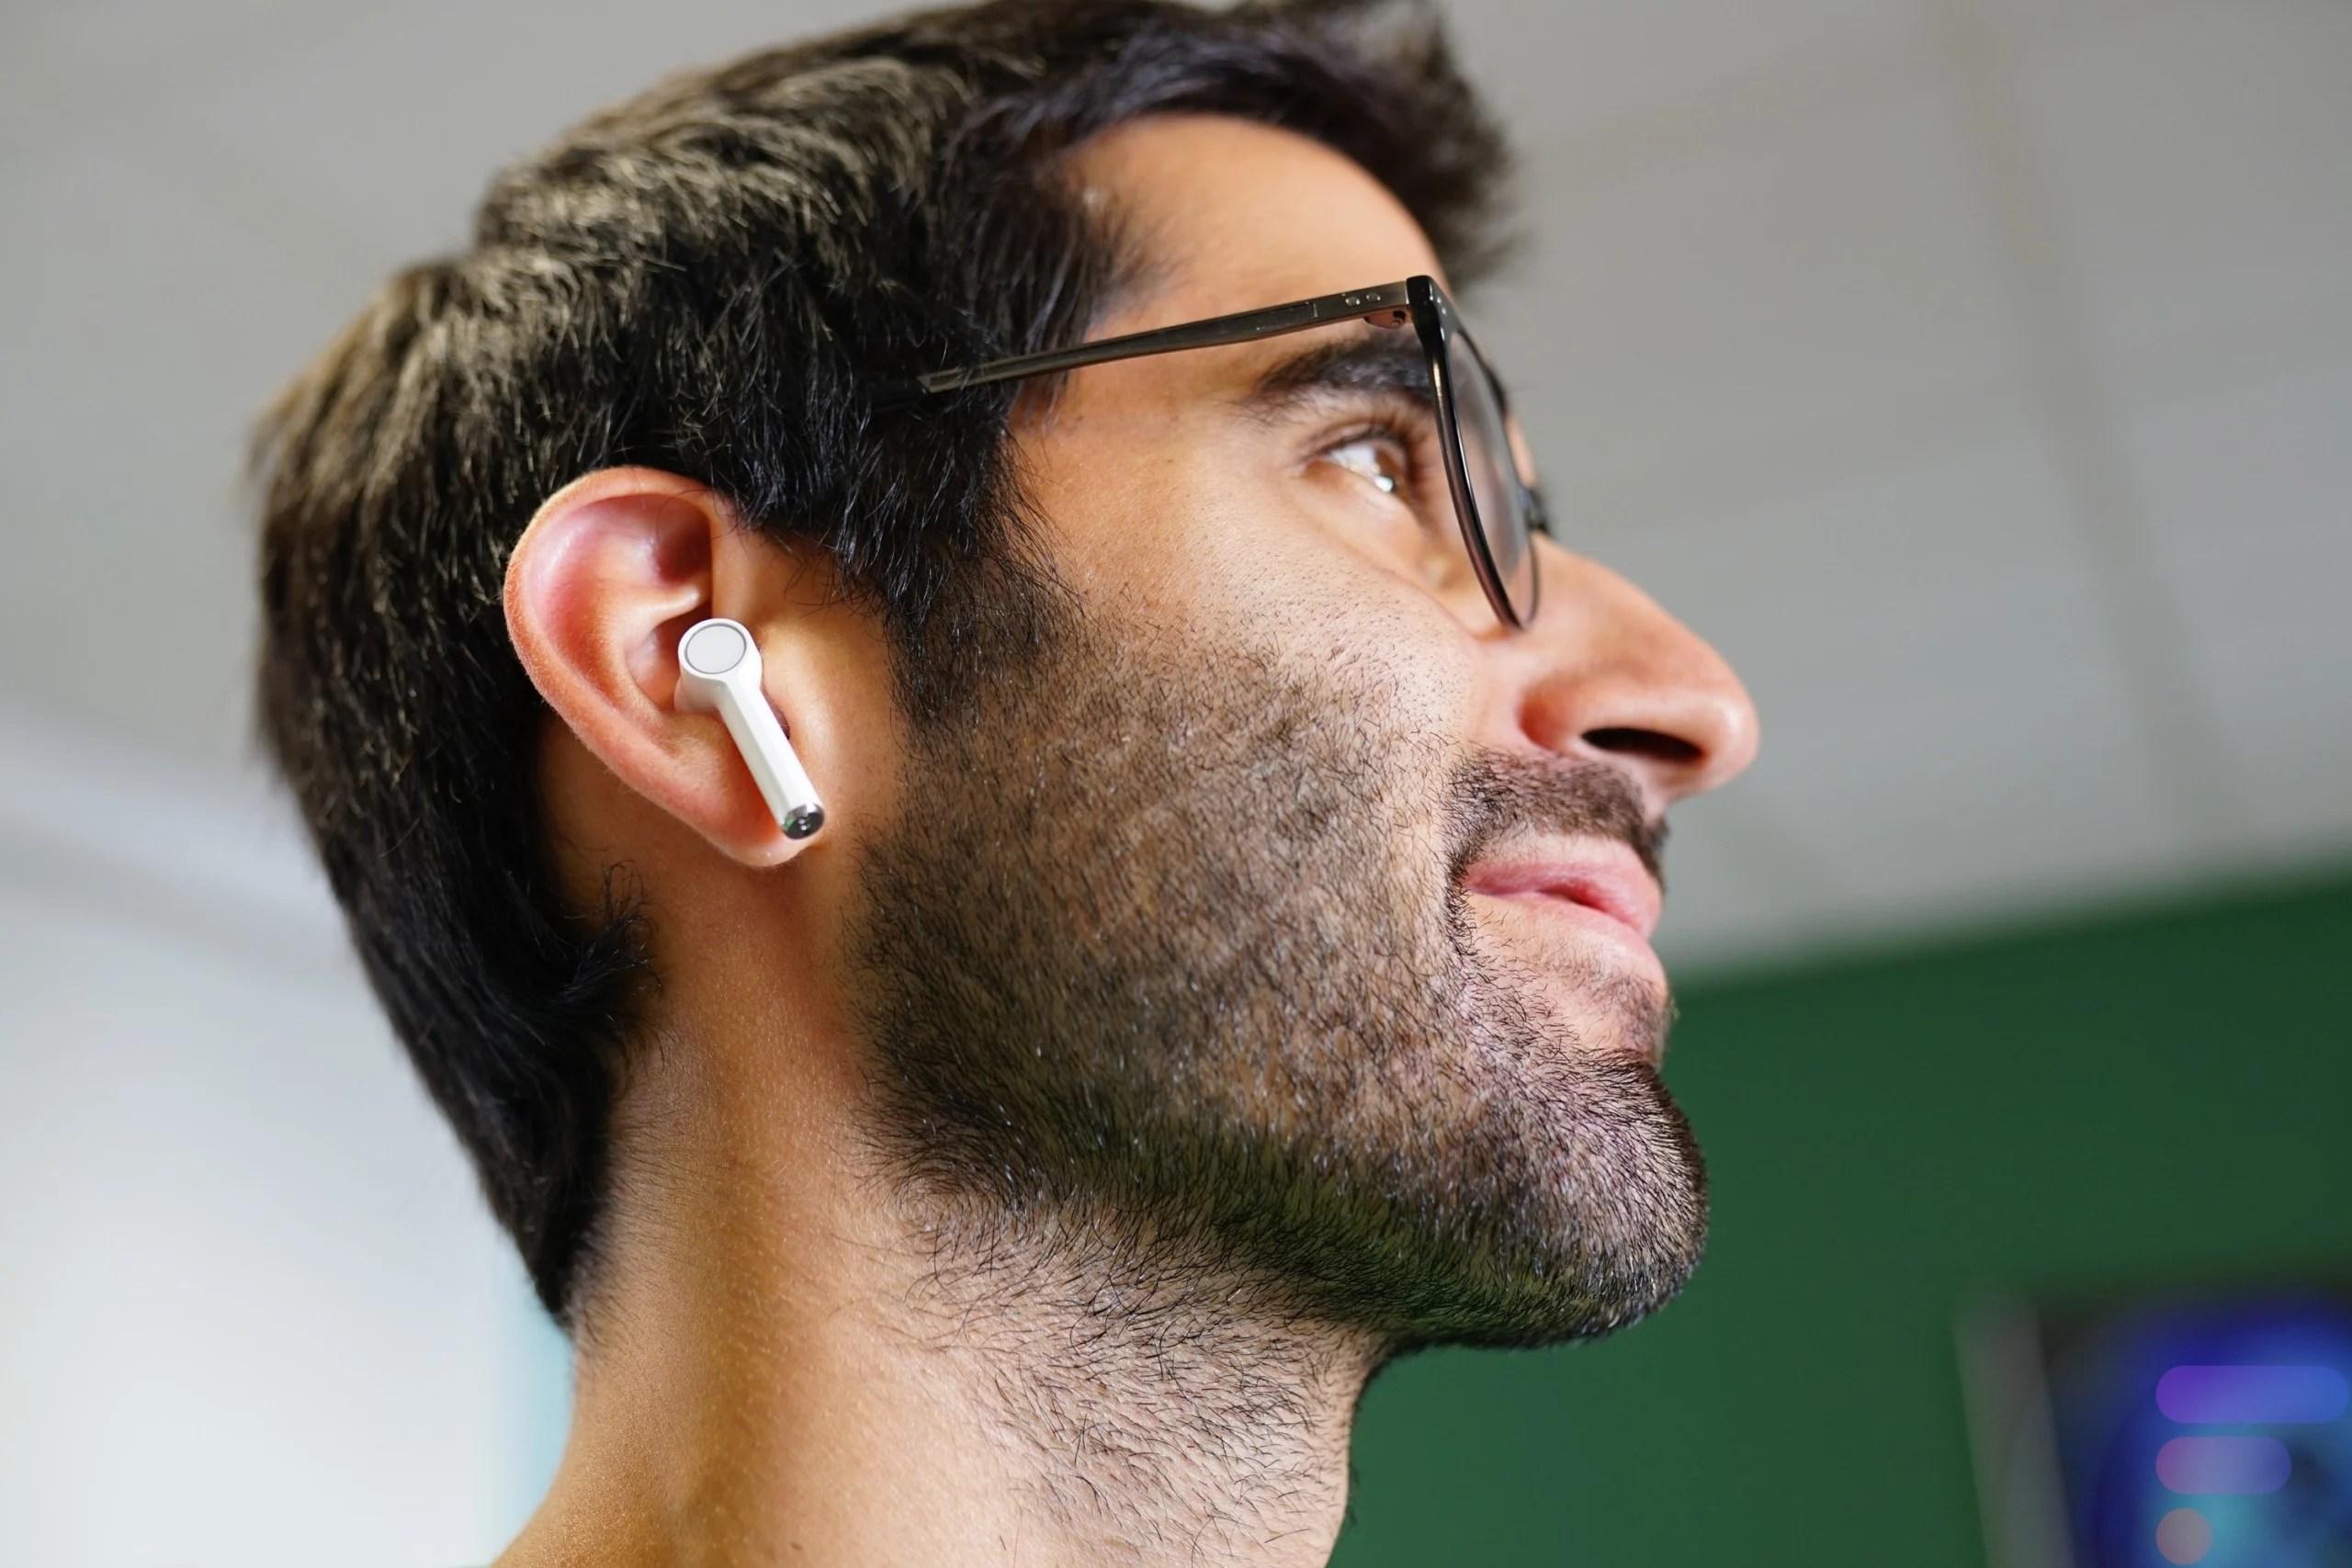 Prise en main des OnePlus Buds: des écouteurs sans fil confortables pour un rapport qualité/prix qui promet